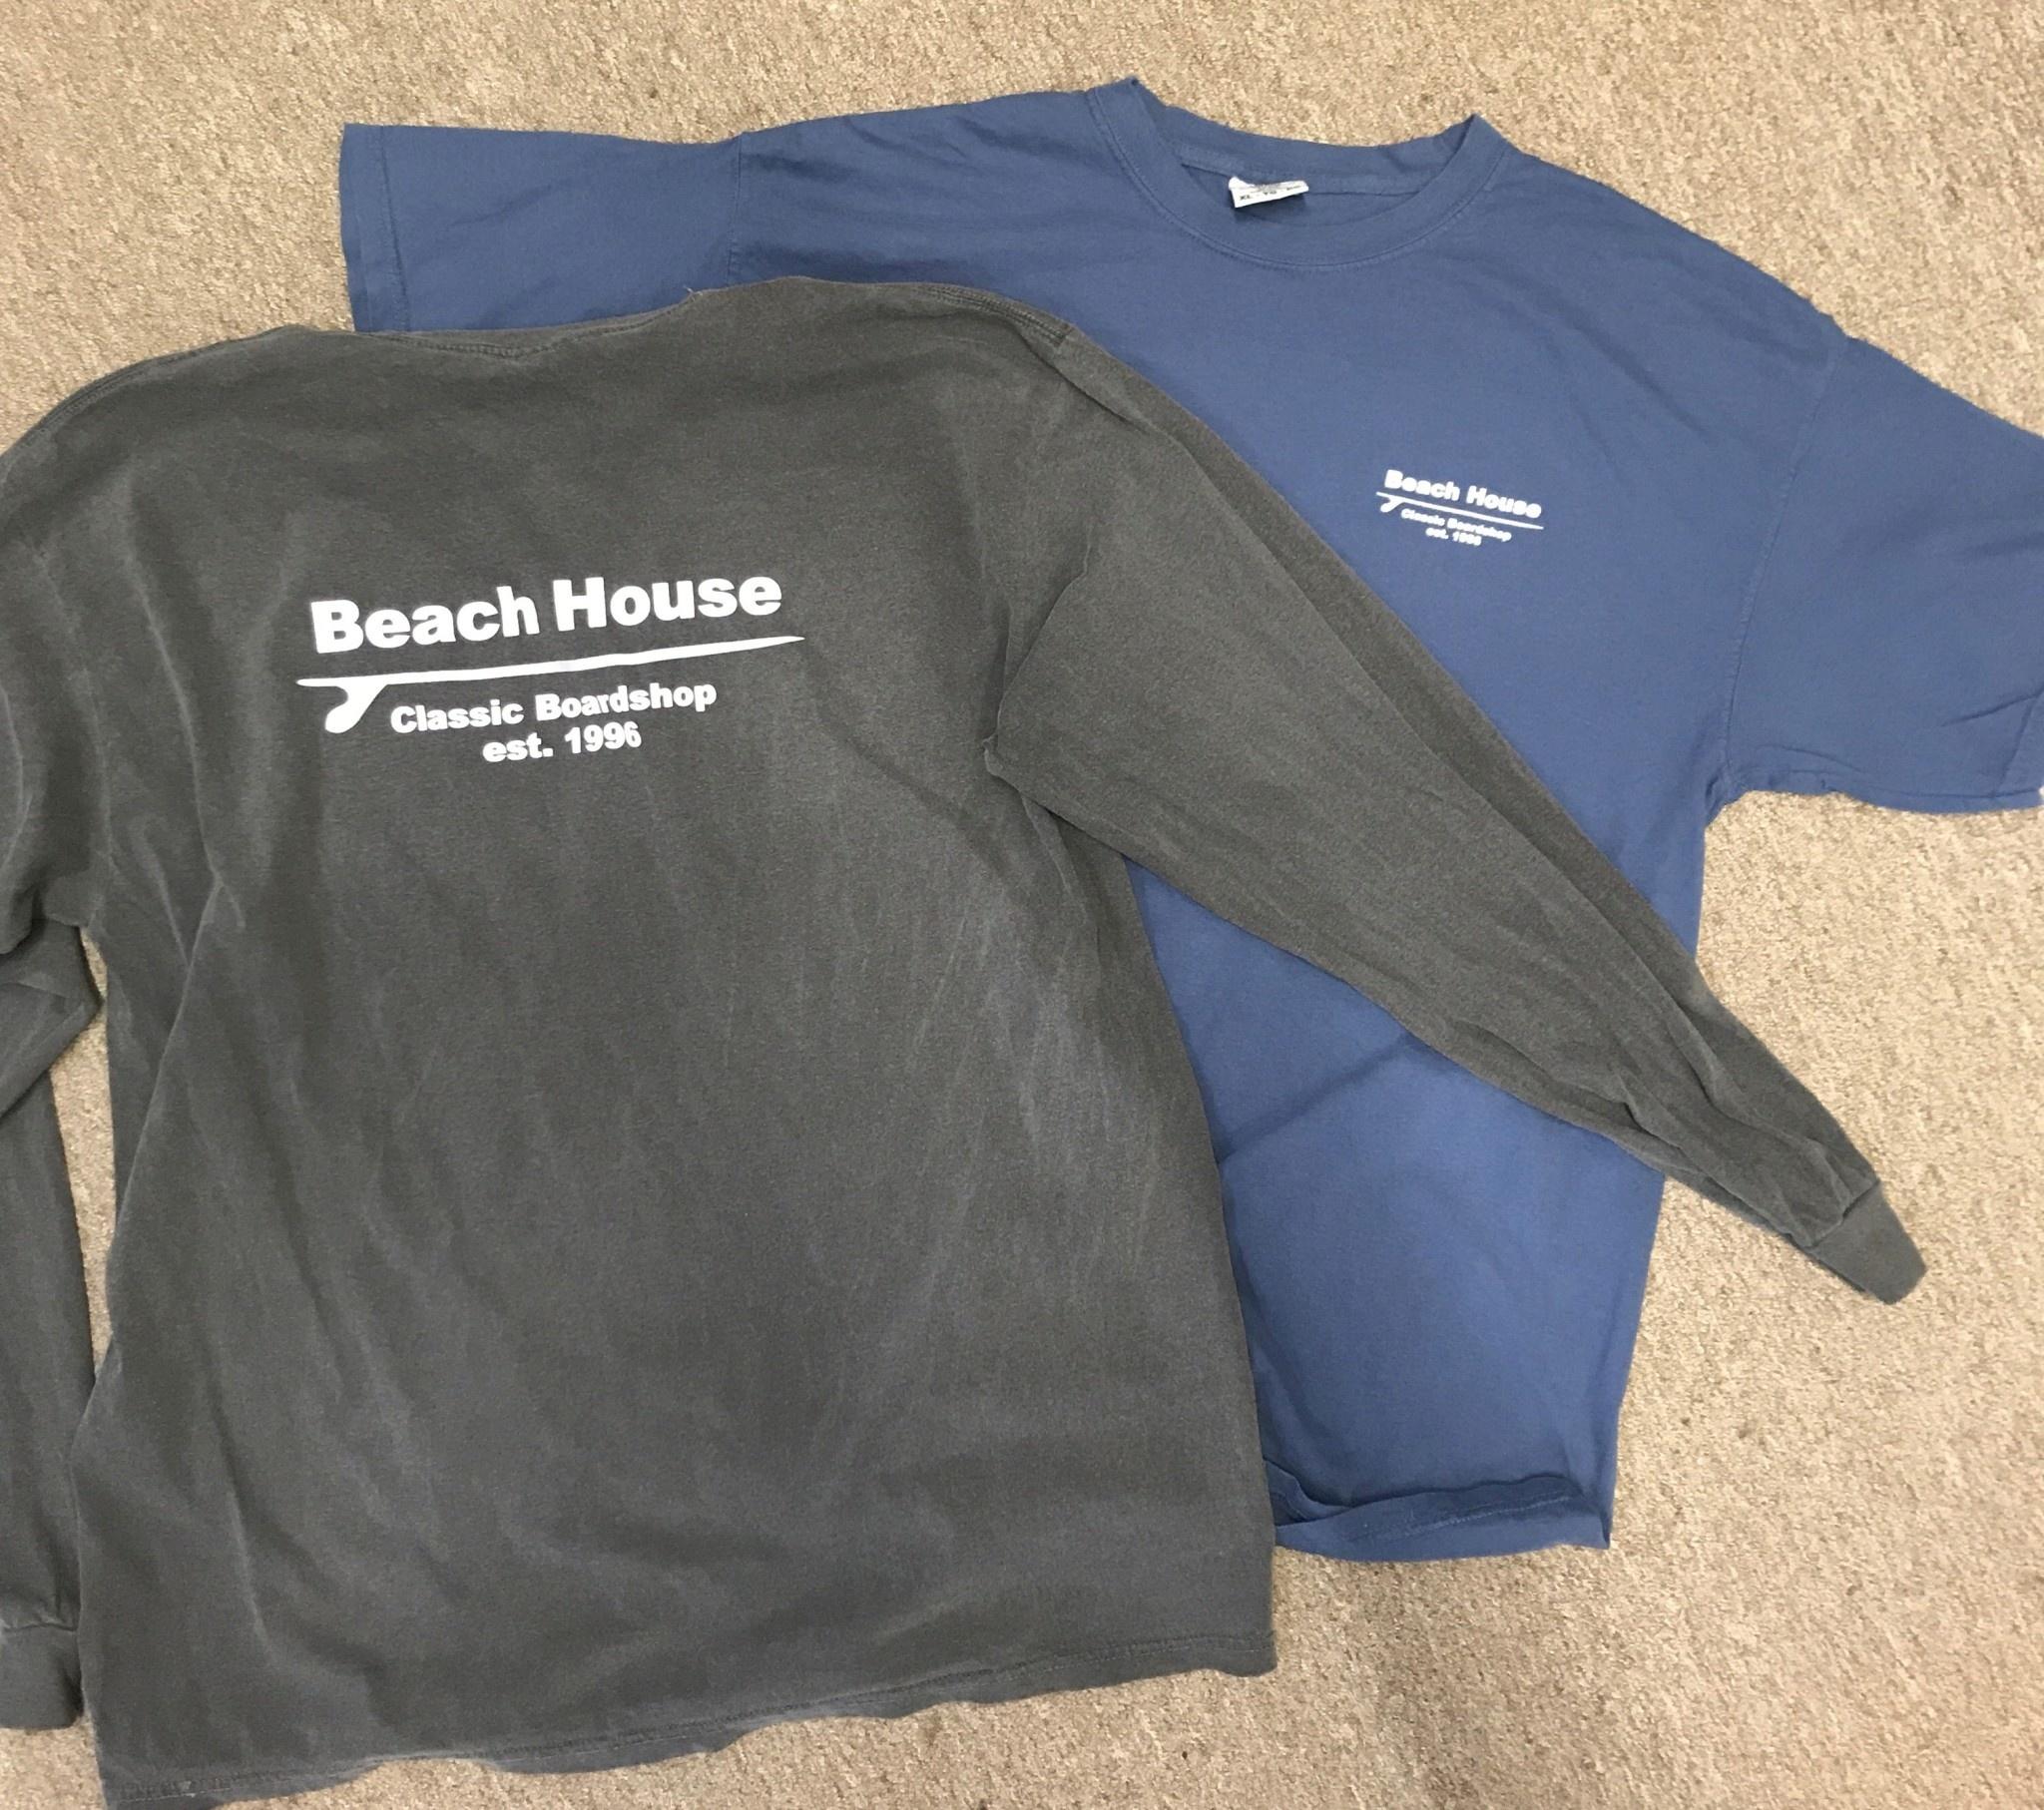 Beach House Beach House LONGBOARD 96 Short Sleeve Tee